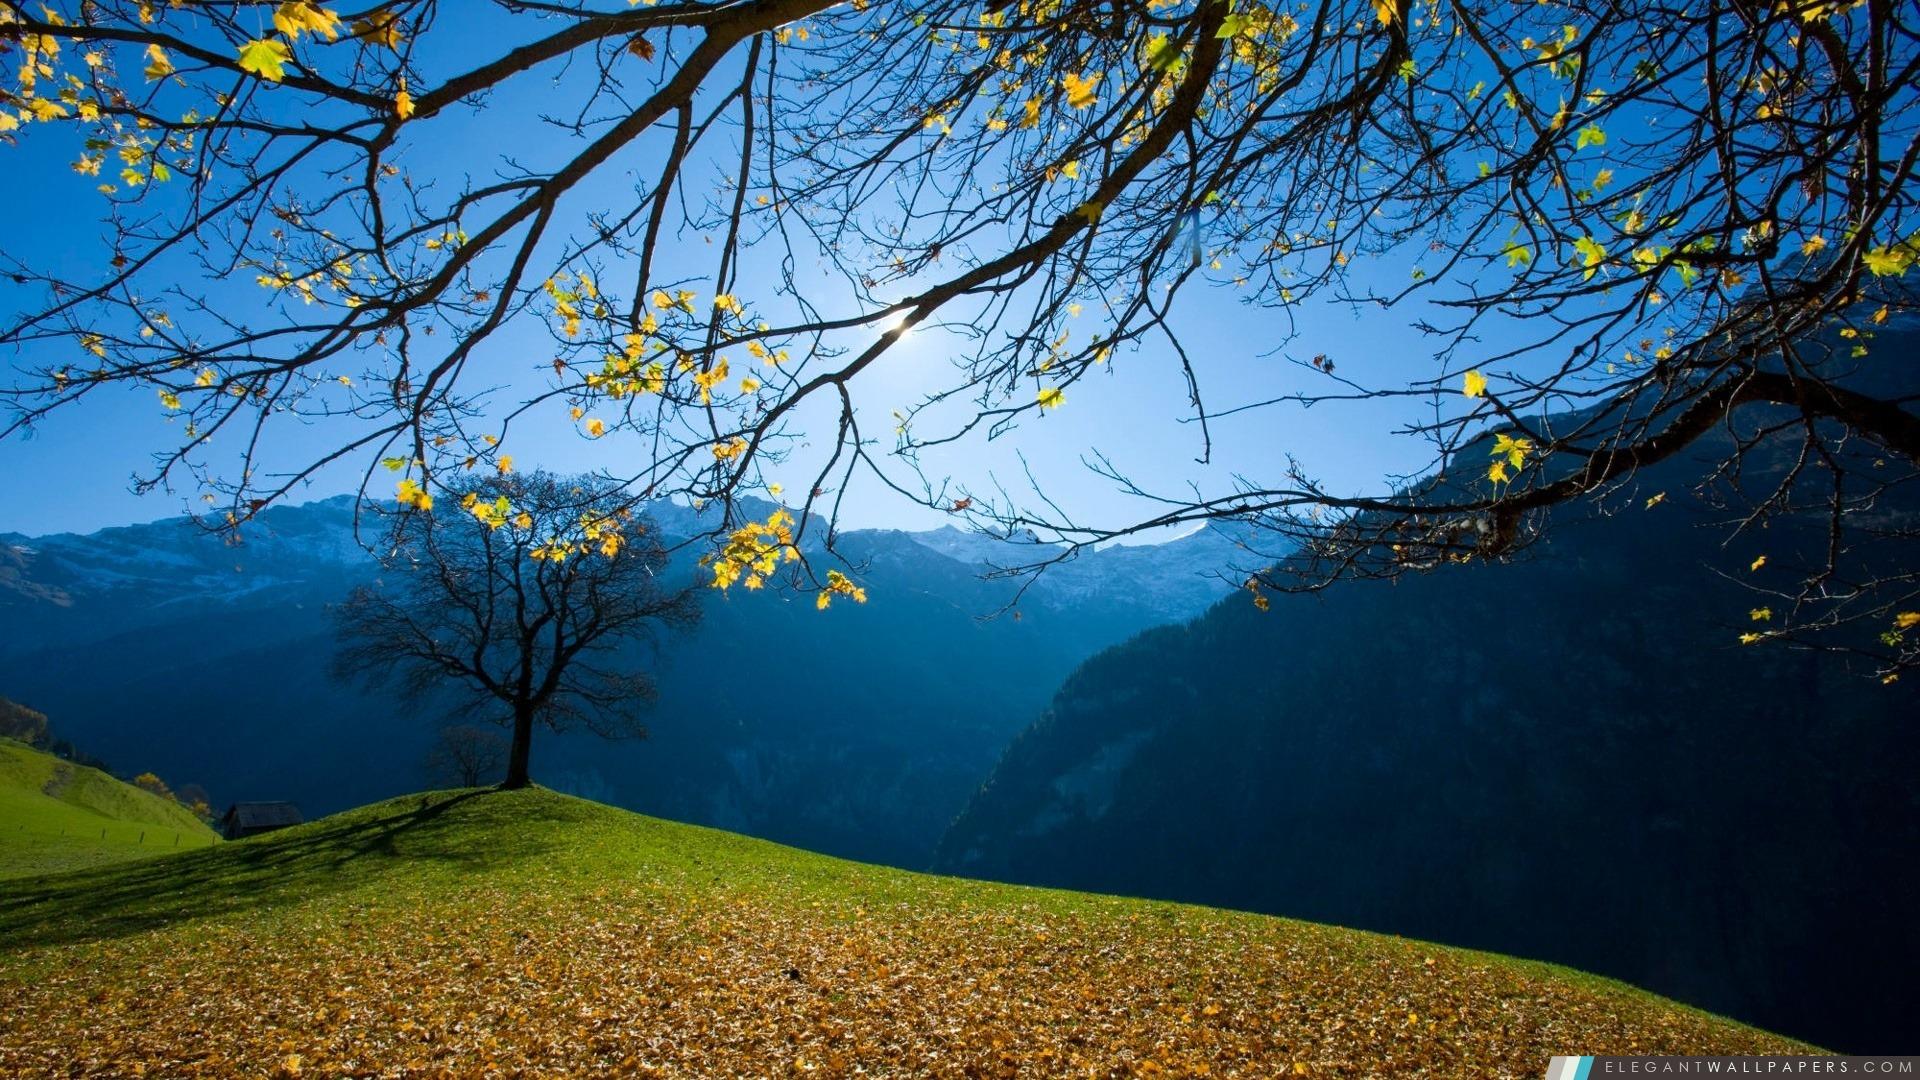 automne-schachental-suisse_1920x1080